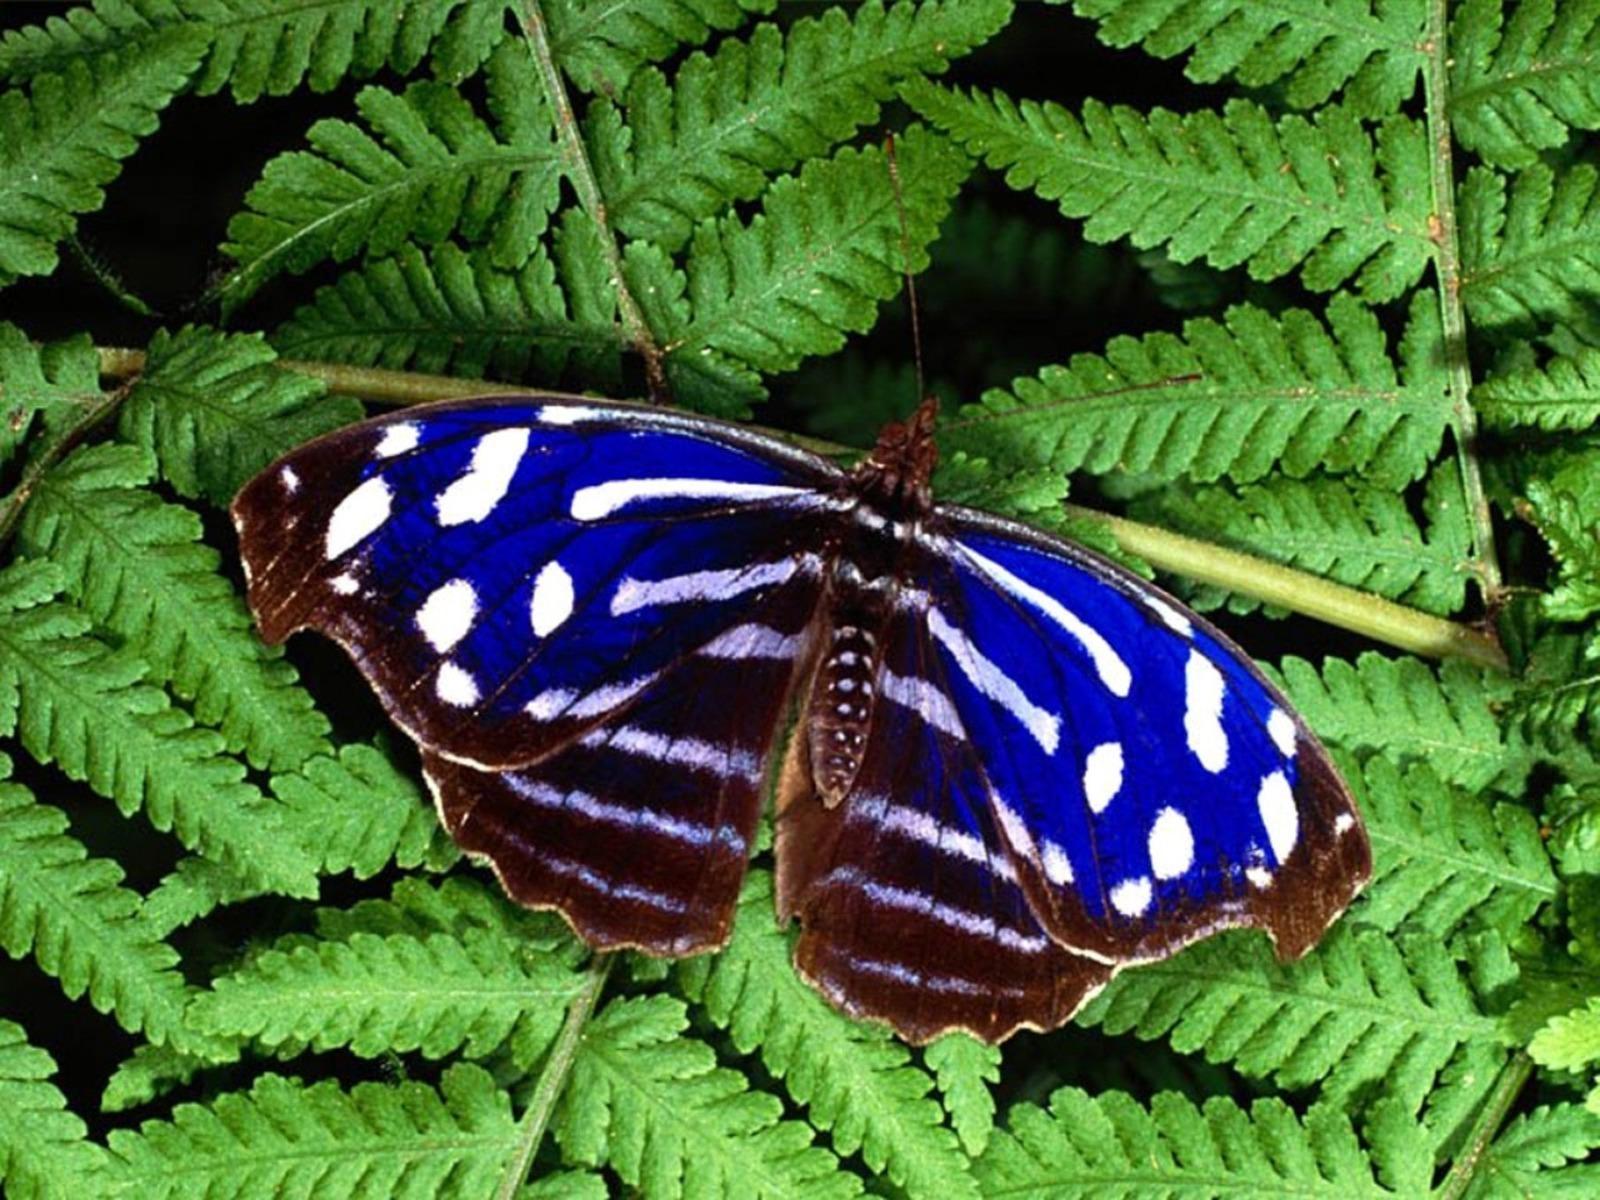 Beautiful-Butterflies-butterflies-9481888-1600-1200.jpg